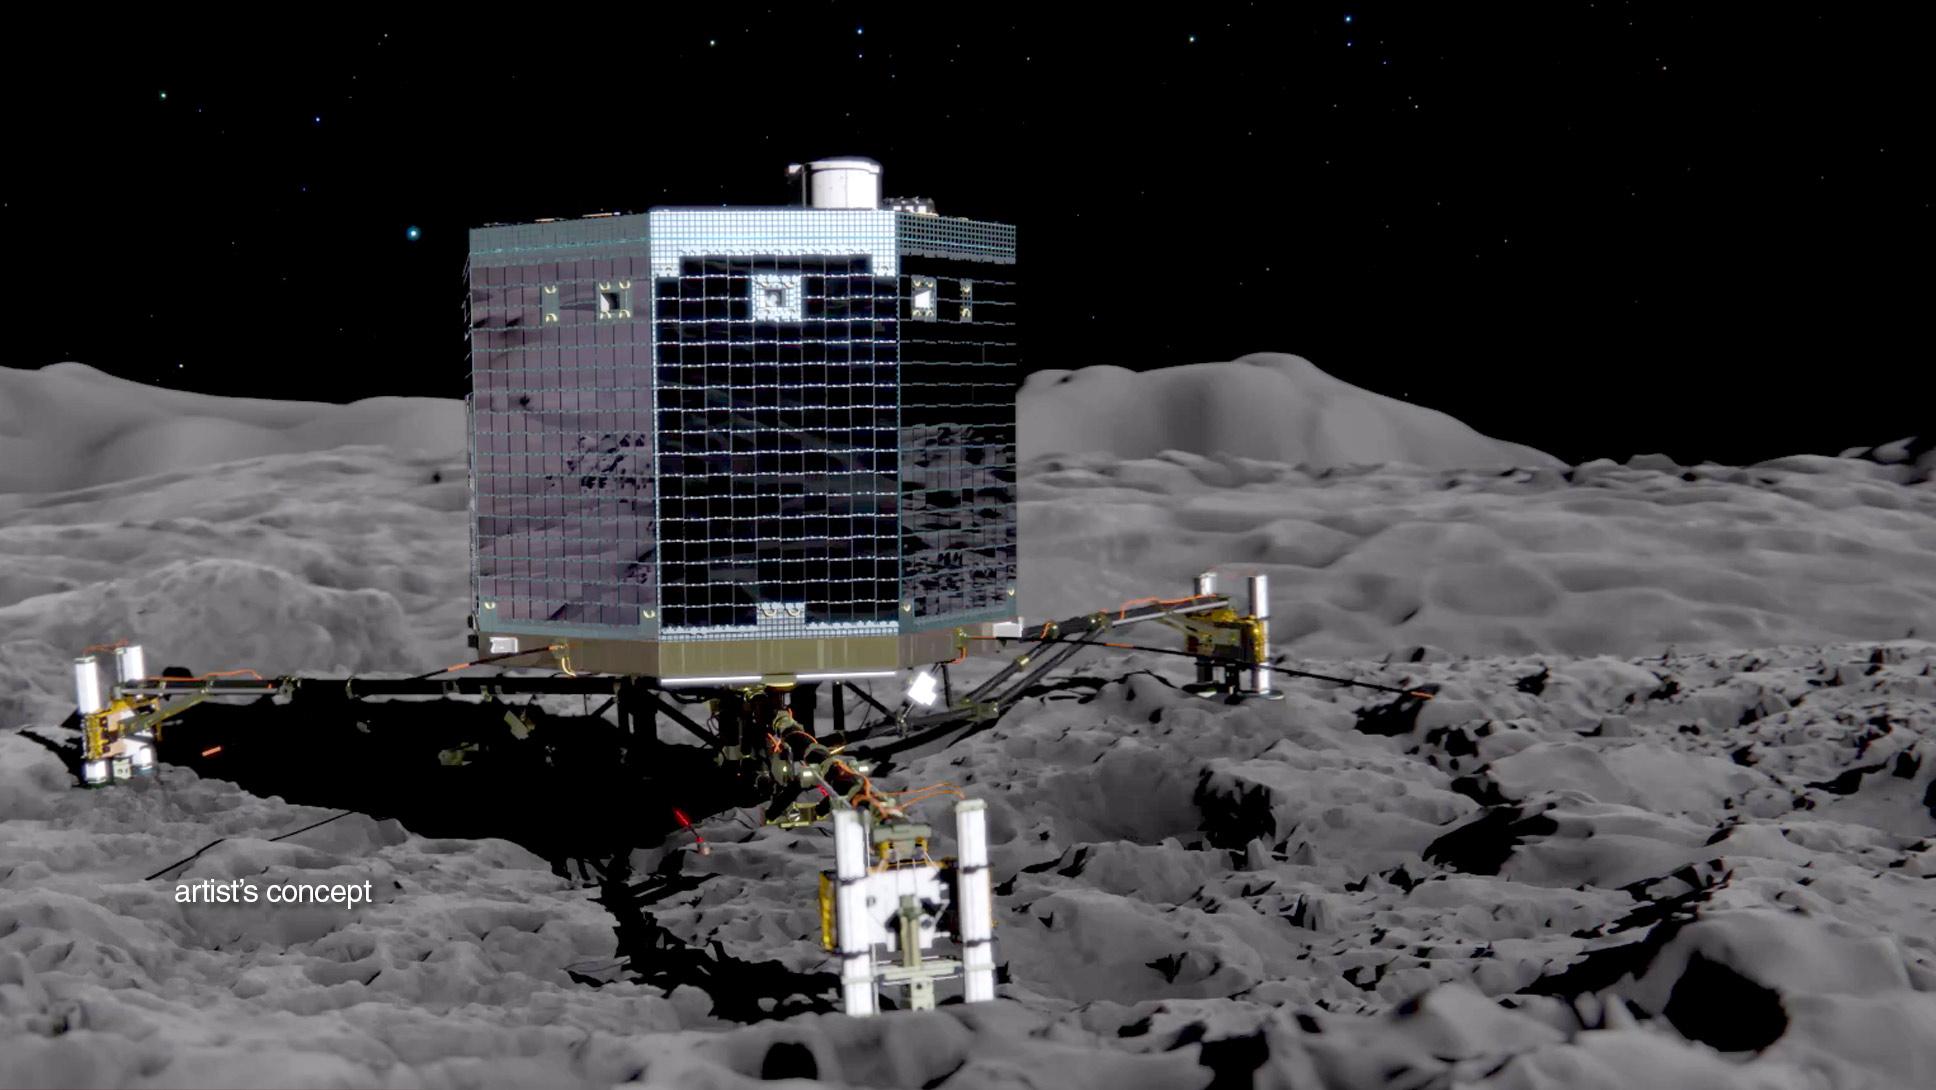 Watch Rosetta Spacecraft's Philae Lander Attempt To Land ...